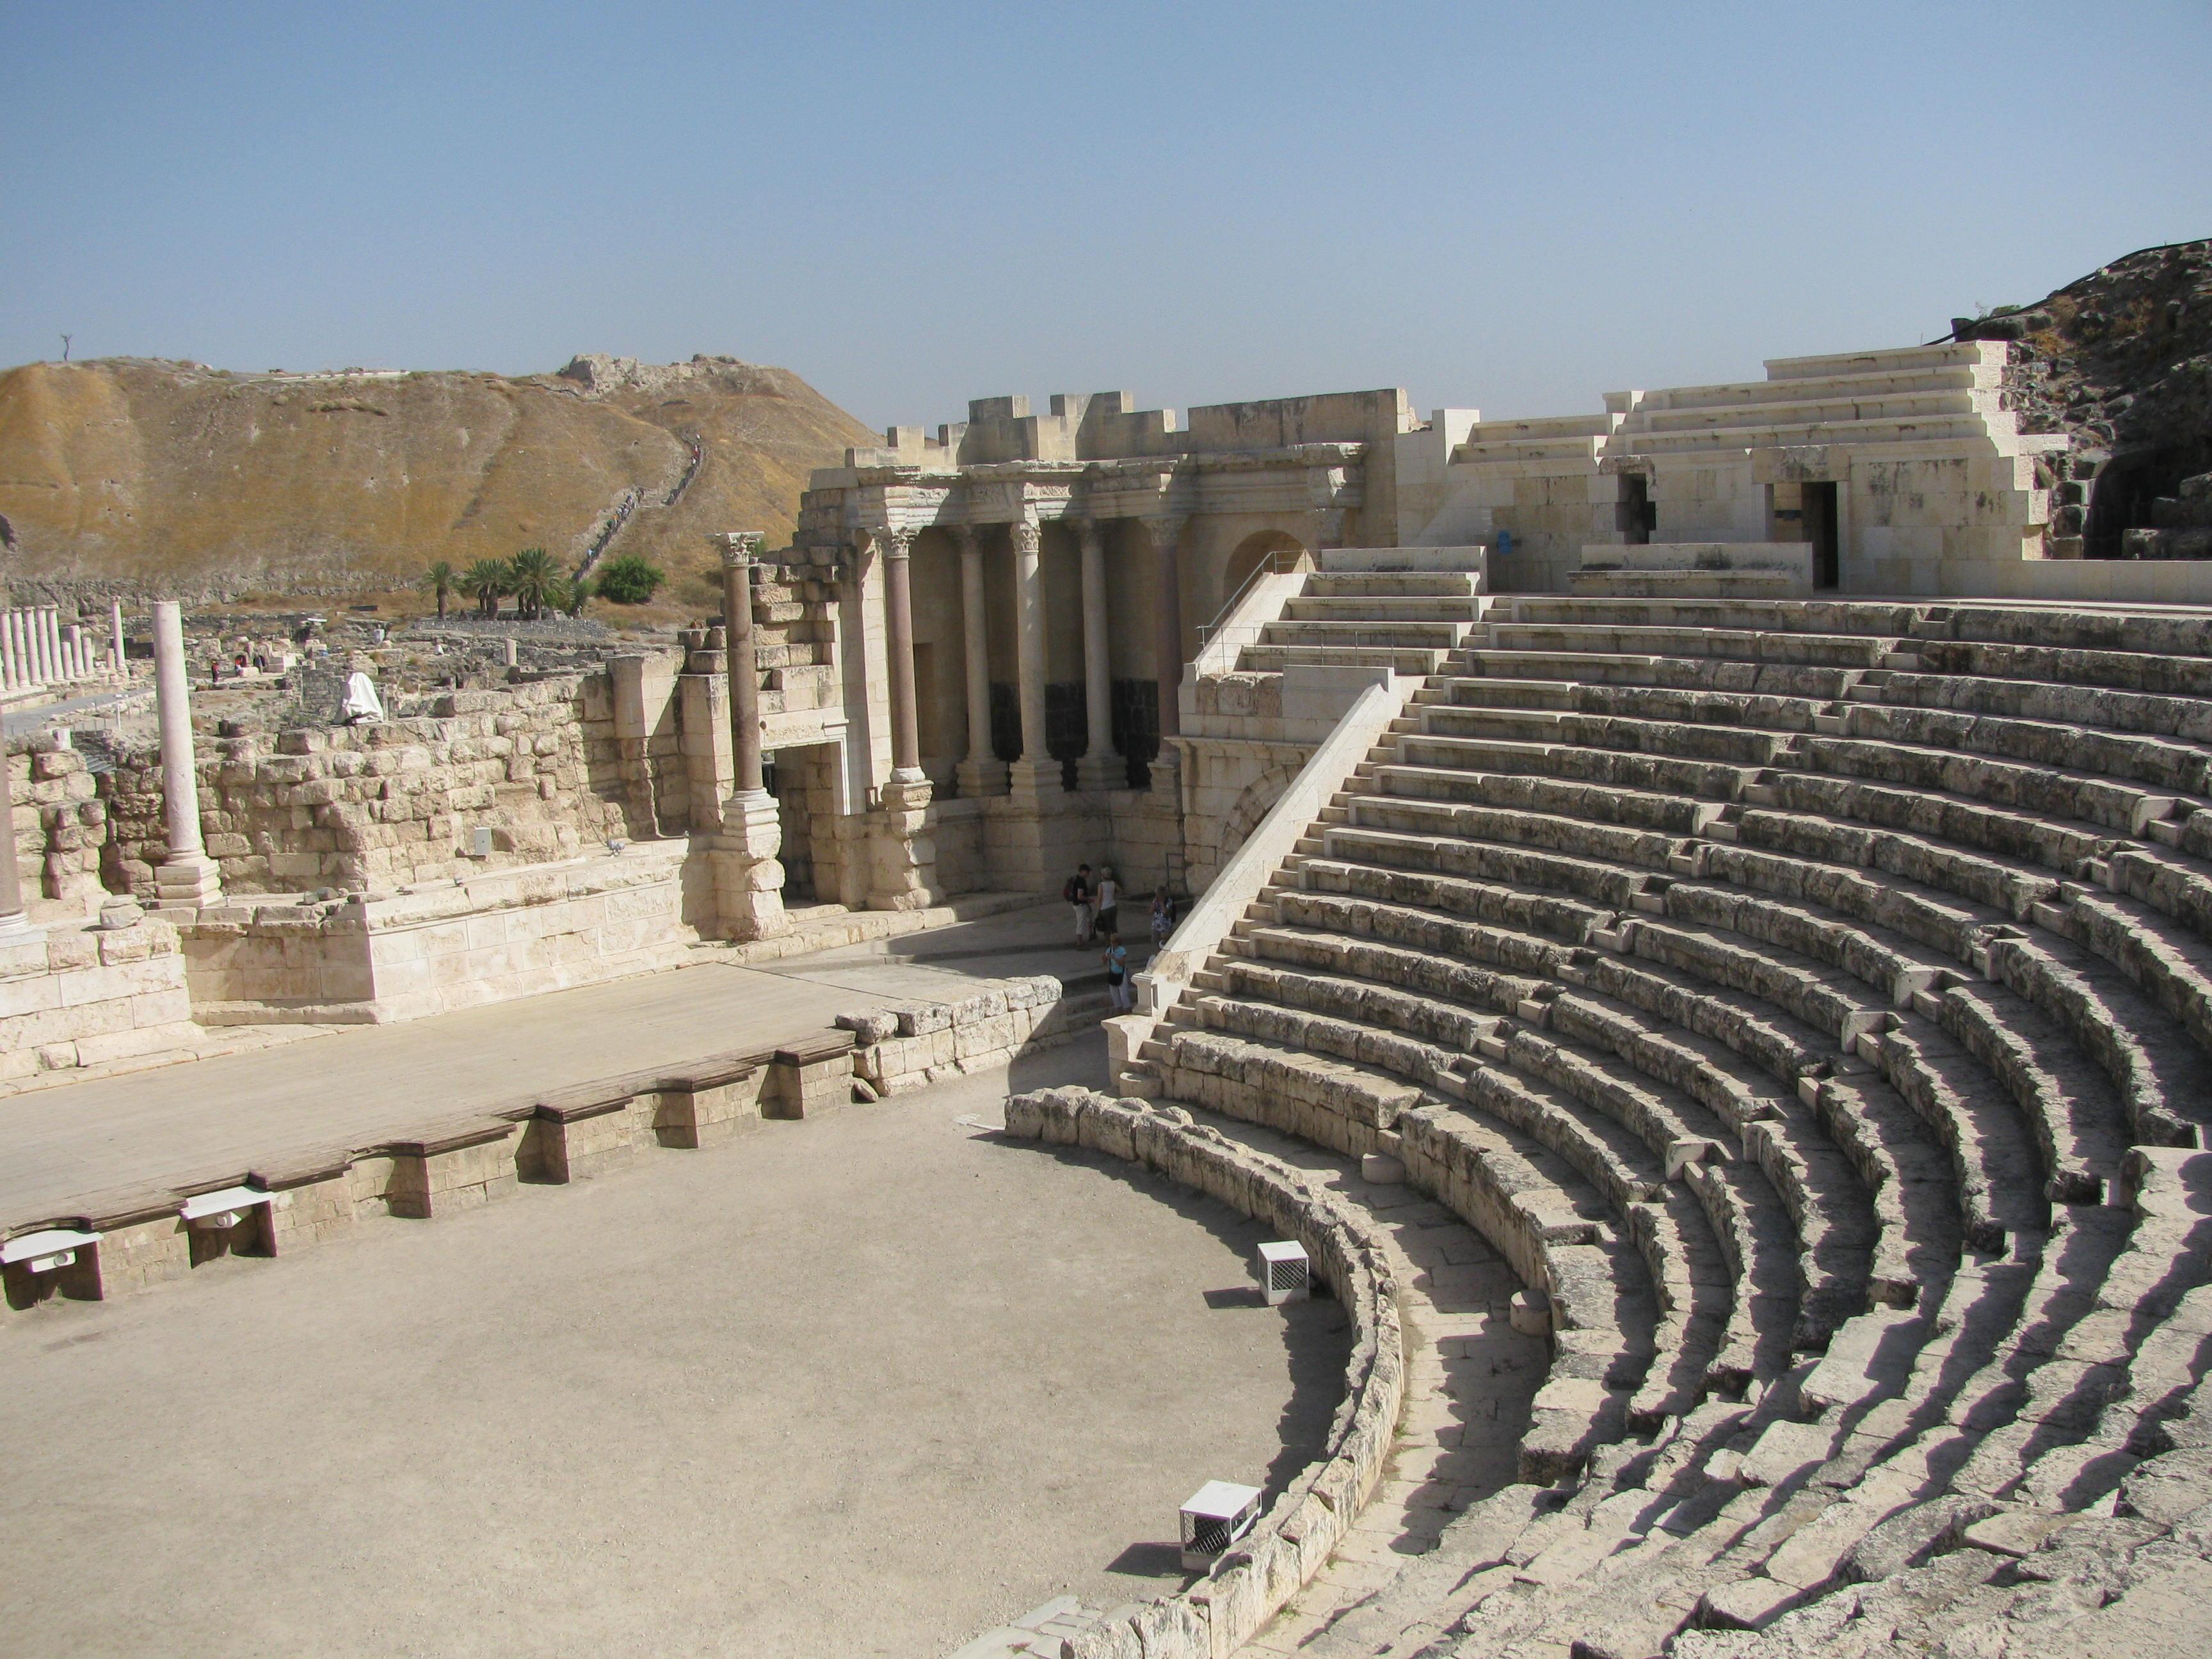 上图:伯珊城在新约时代是加利利附近最豪华的罗马城市,有剧院、澡堂、市场。路十五11-32浪子回头的比喻中,小儿子前往远方挥霍父亲的财产,可能就是暗示这个地方。